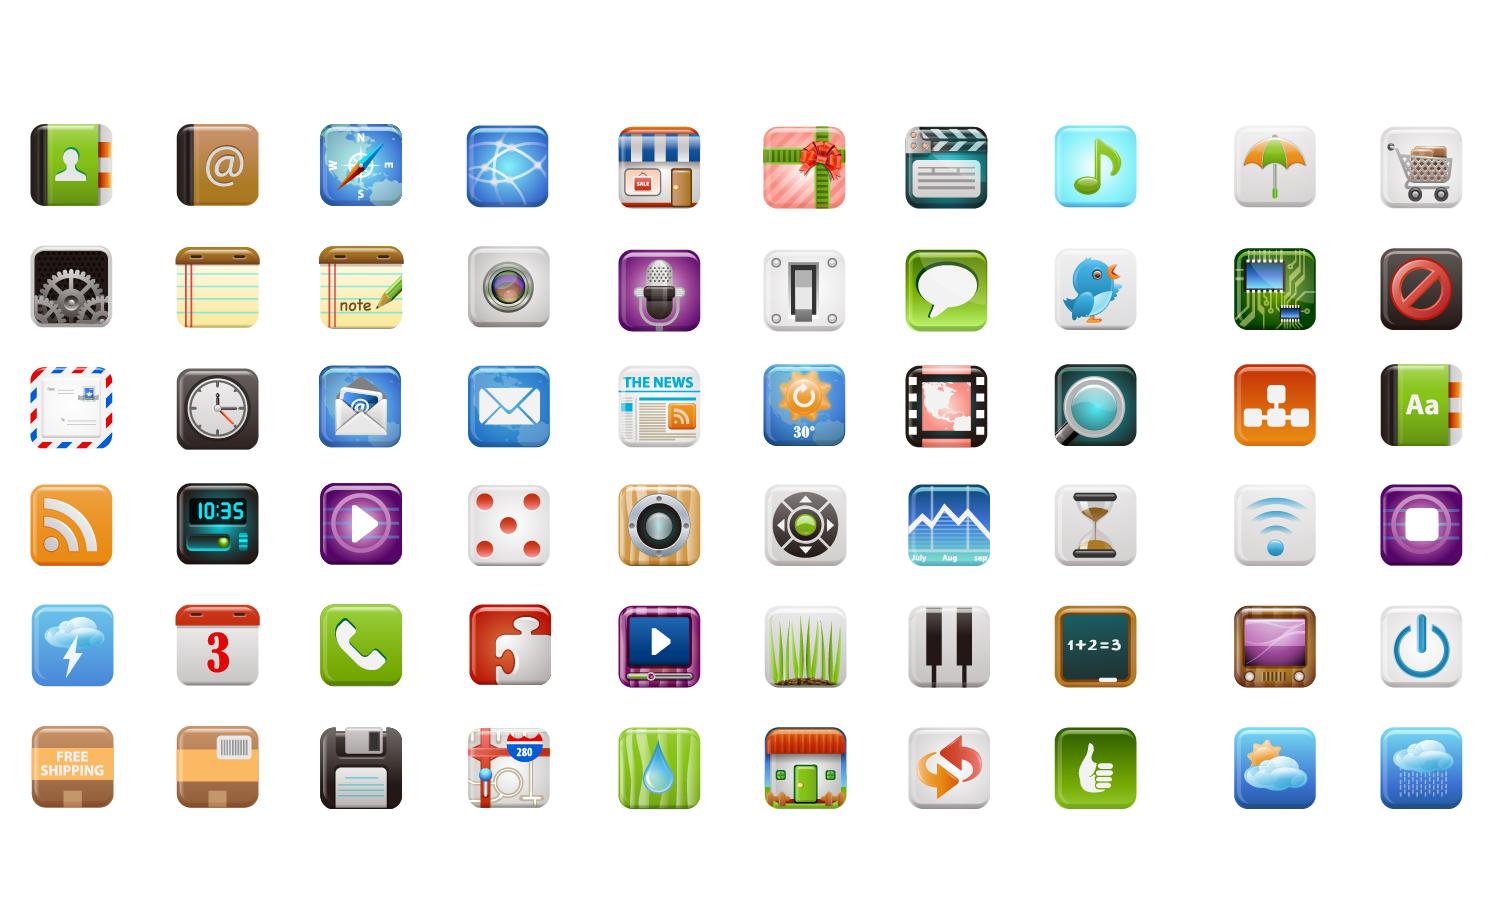 スマートフォンのアイコン デザイン見本 beautiful mobile phone icon イラスト素材